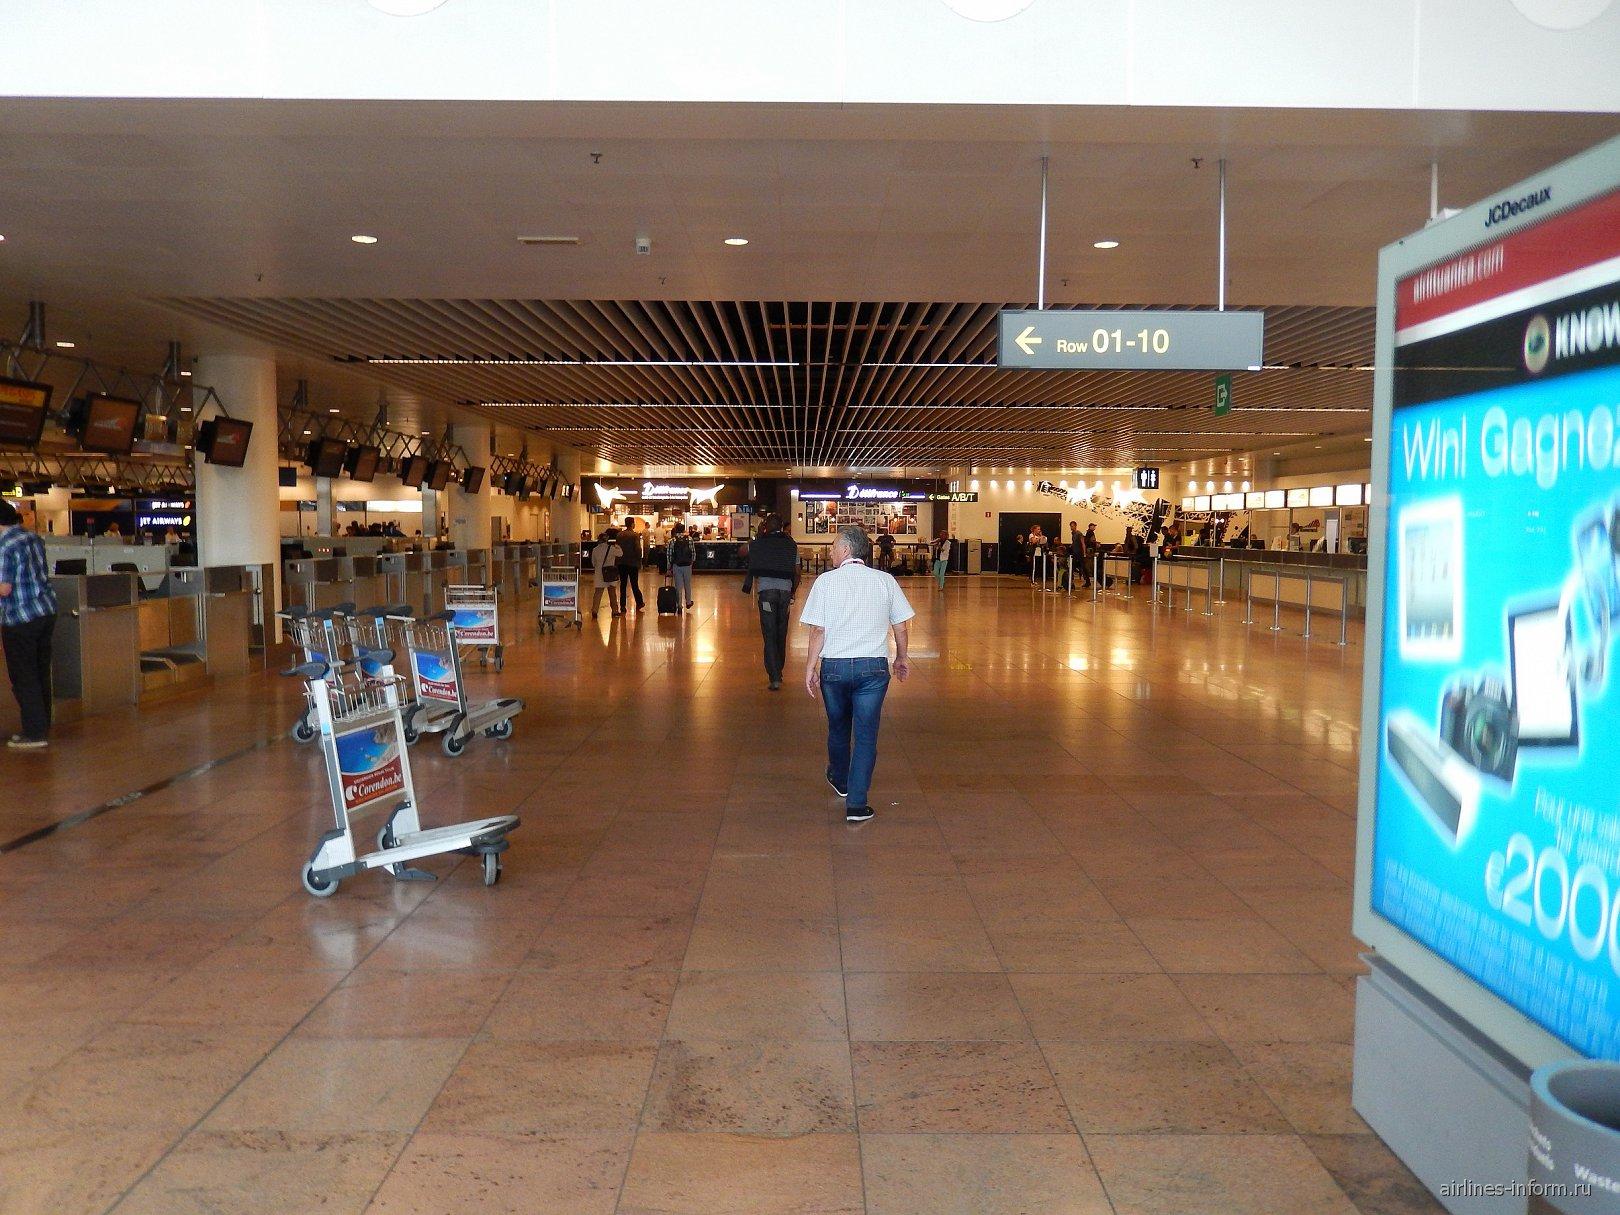 Стойки регистрации в аэропорту Брюссель